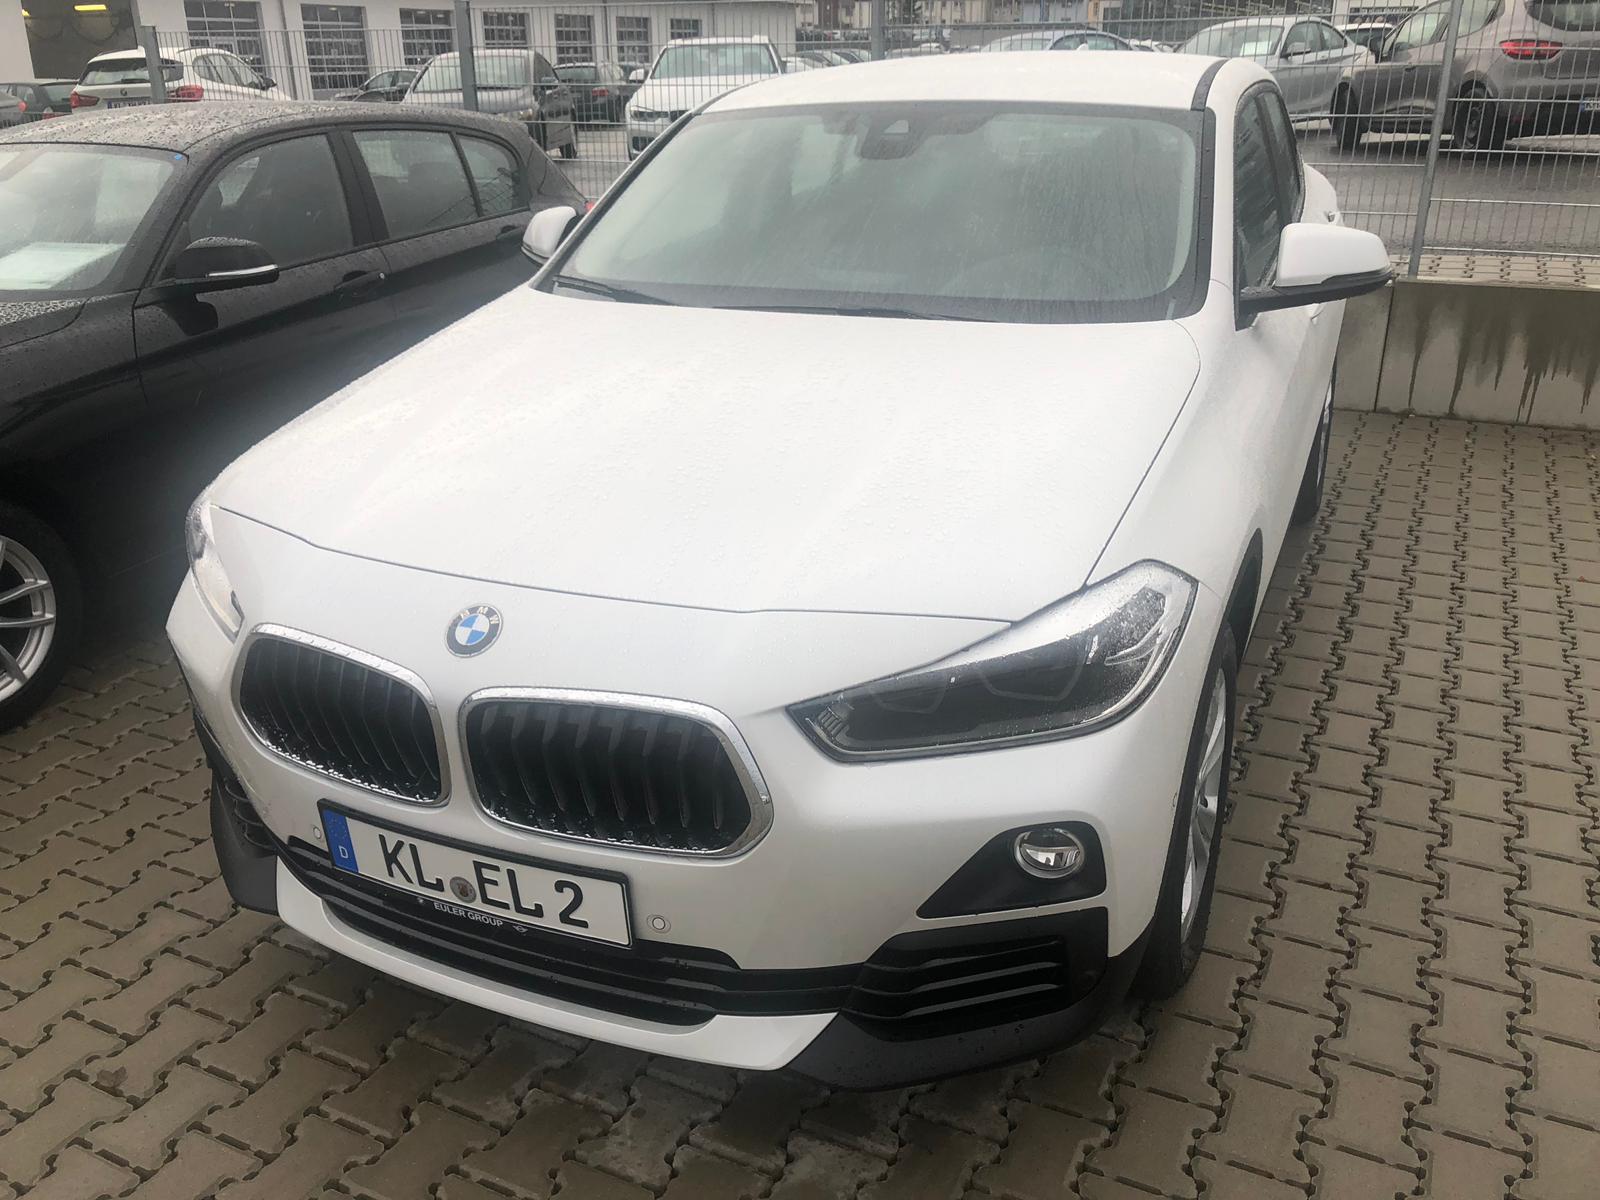 BMW-Schalter_KL-El-2